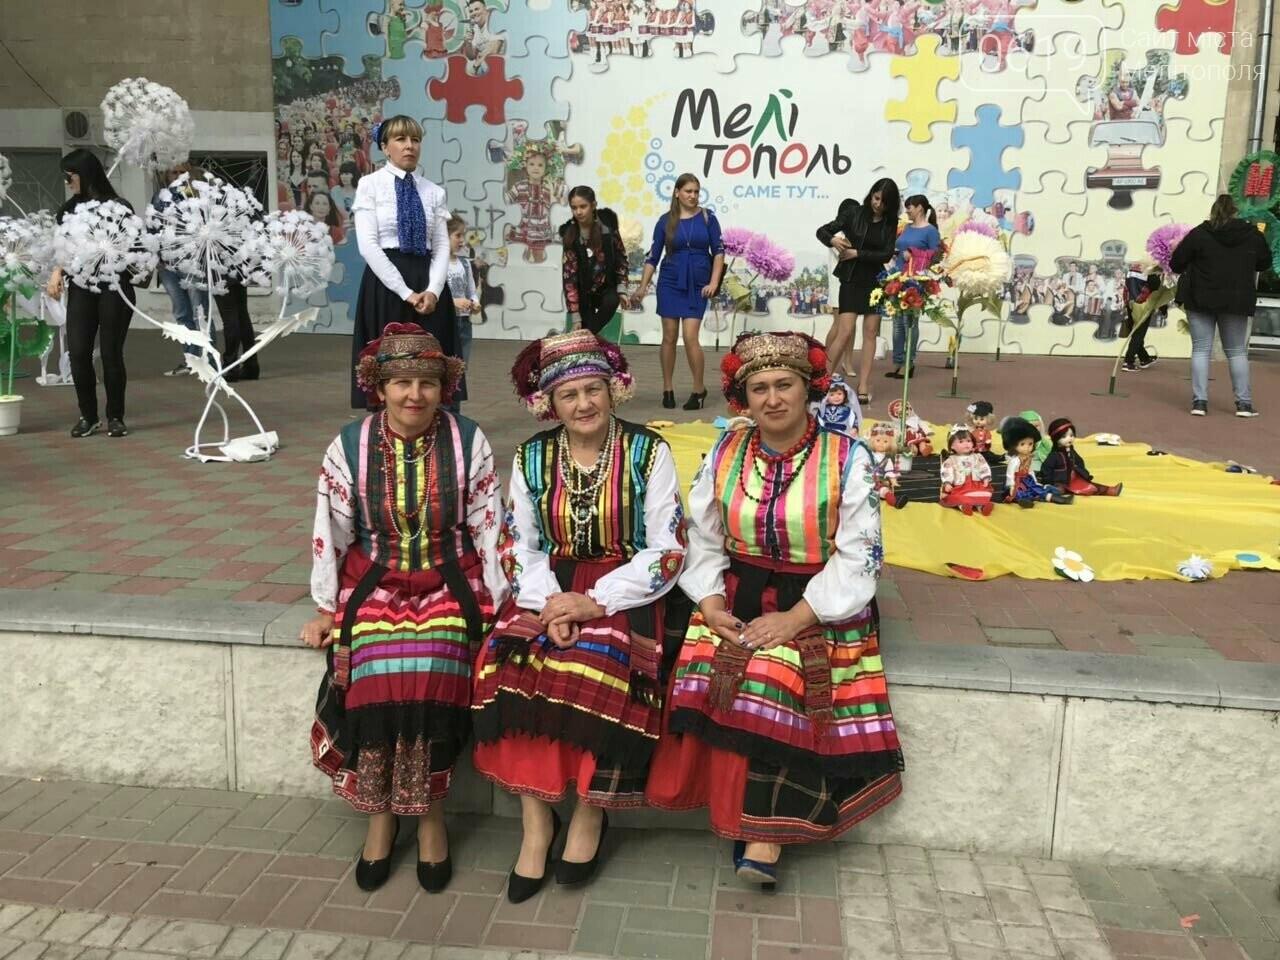 Вкусные блюда, яркие костюмы, выставки-ярмарки: в Мелитополе проходит фестиваль национальных культур, фото-2